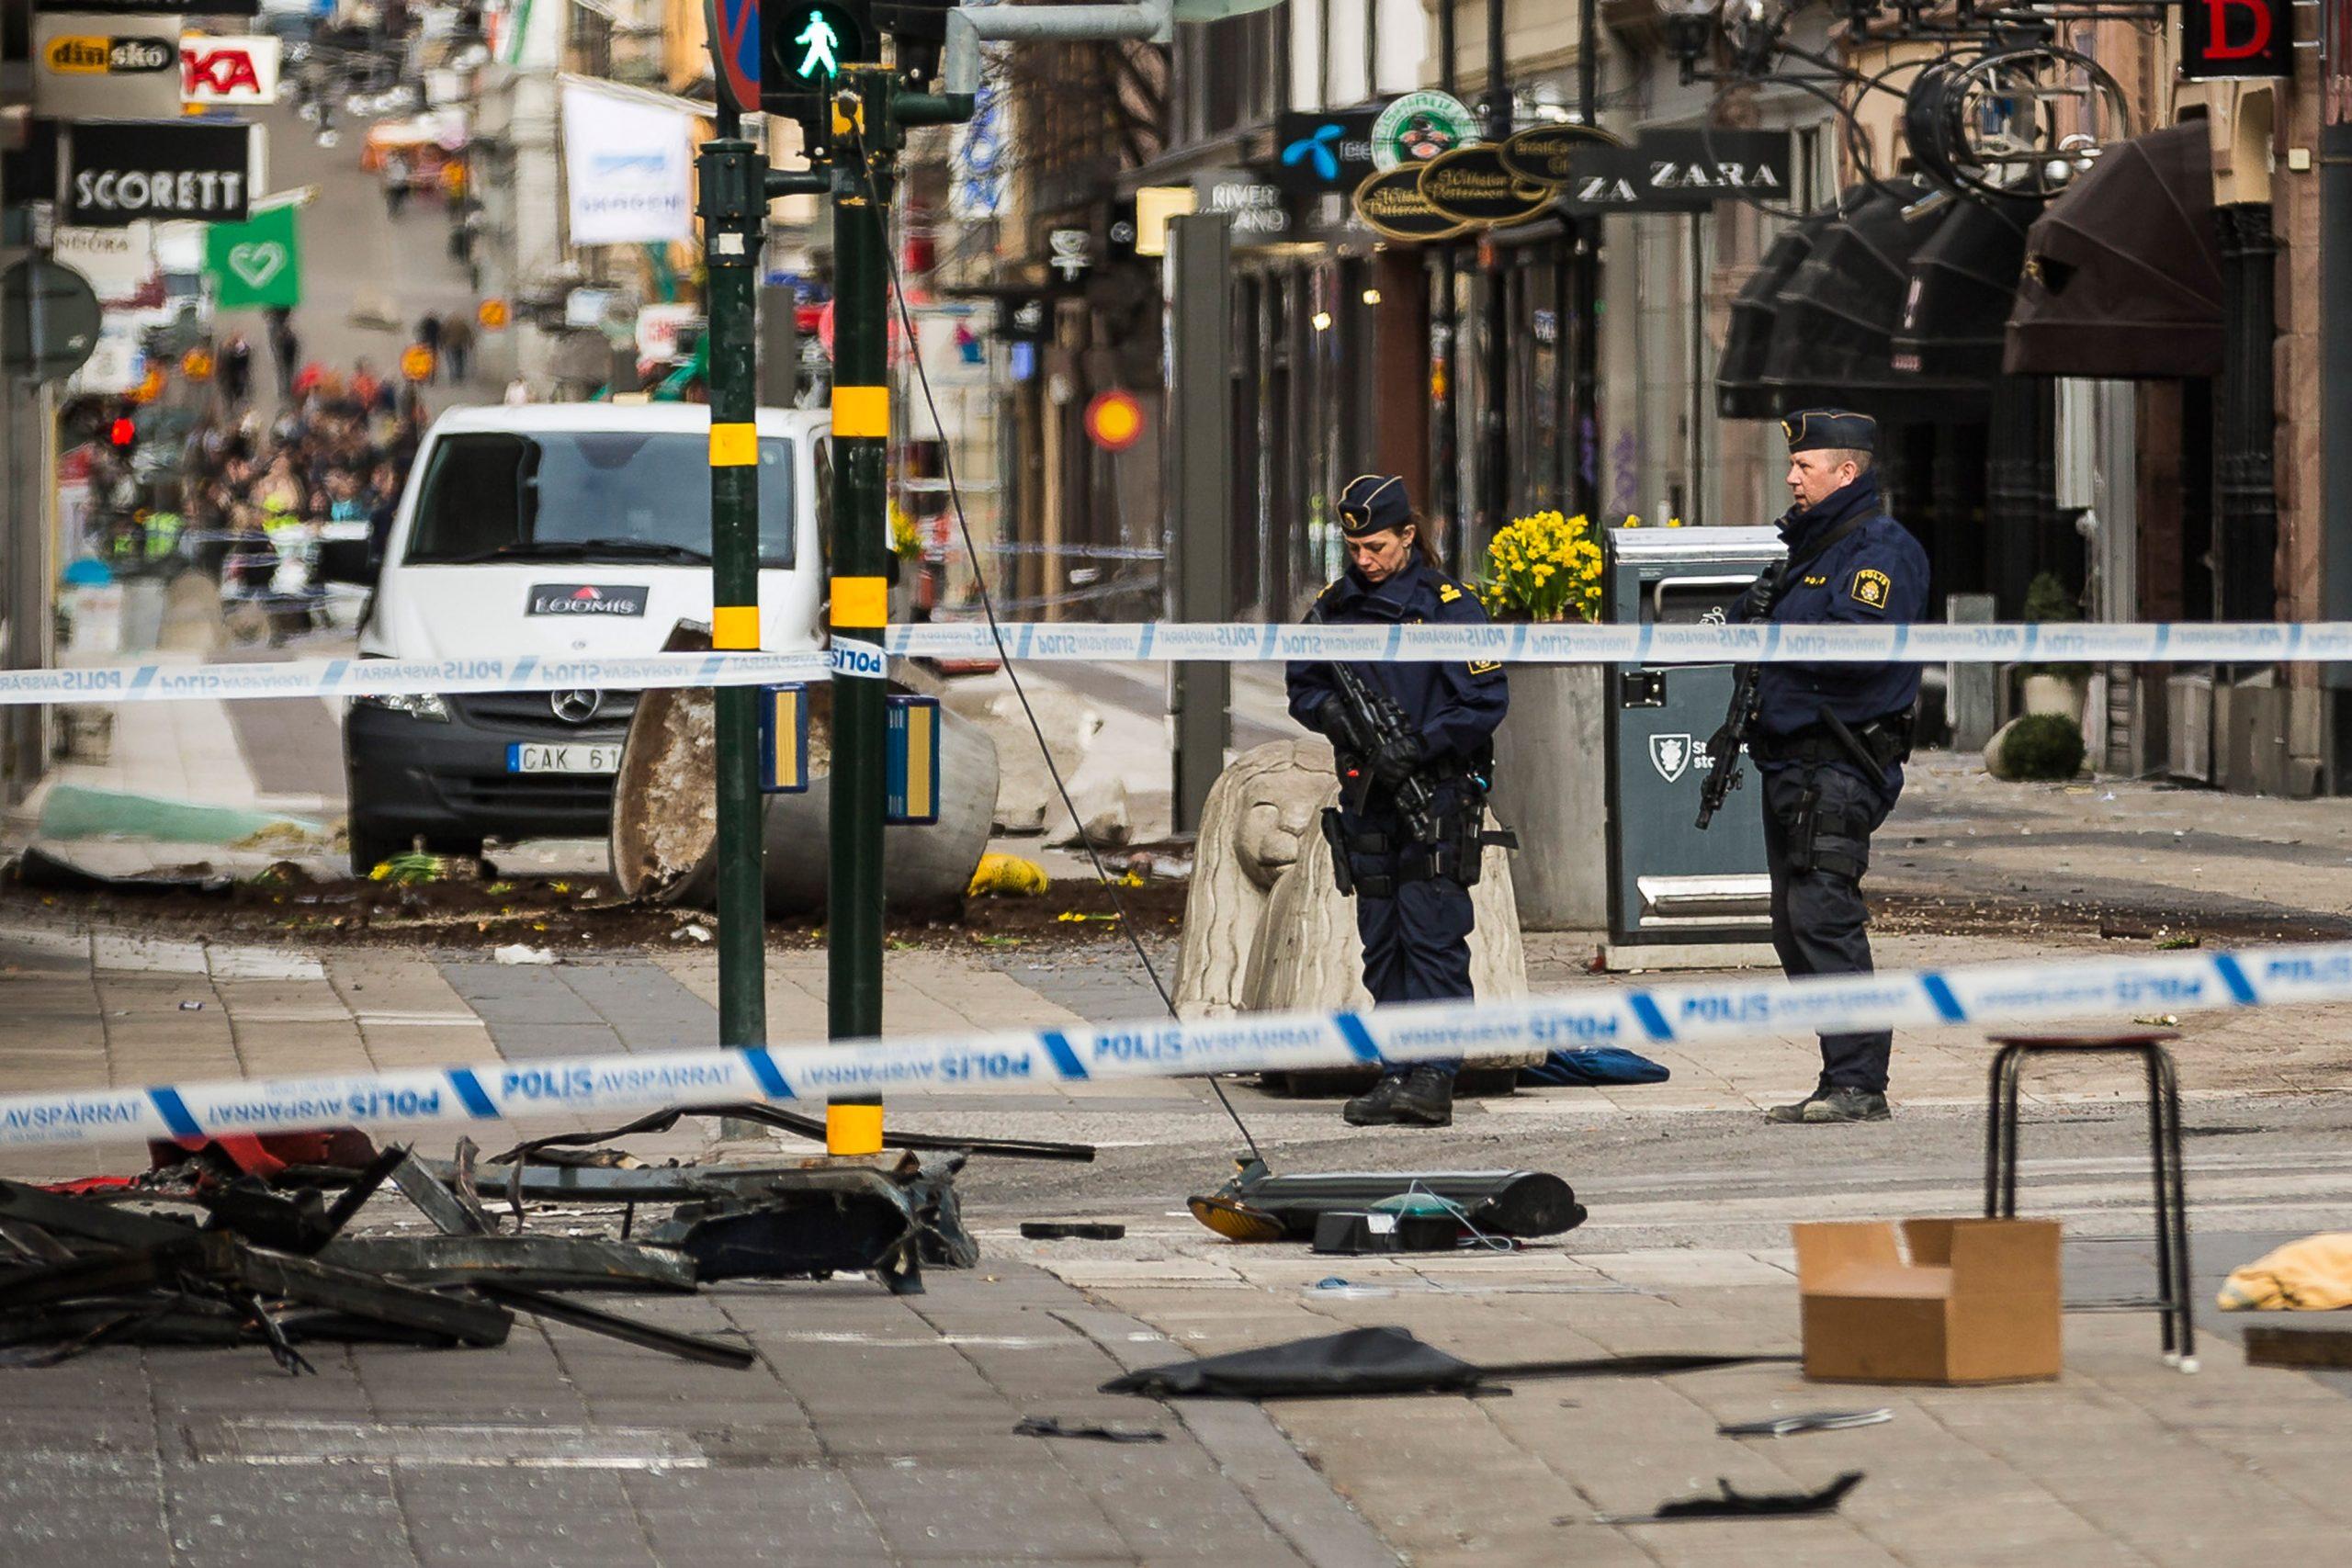 Immer mehr Waffenmorde in Schweden – Regierung beauftragte europäischen Vergleich